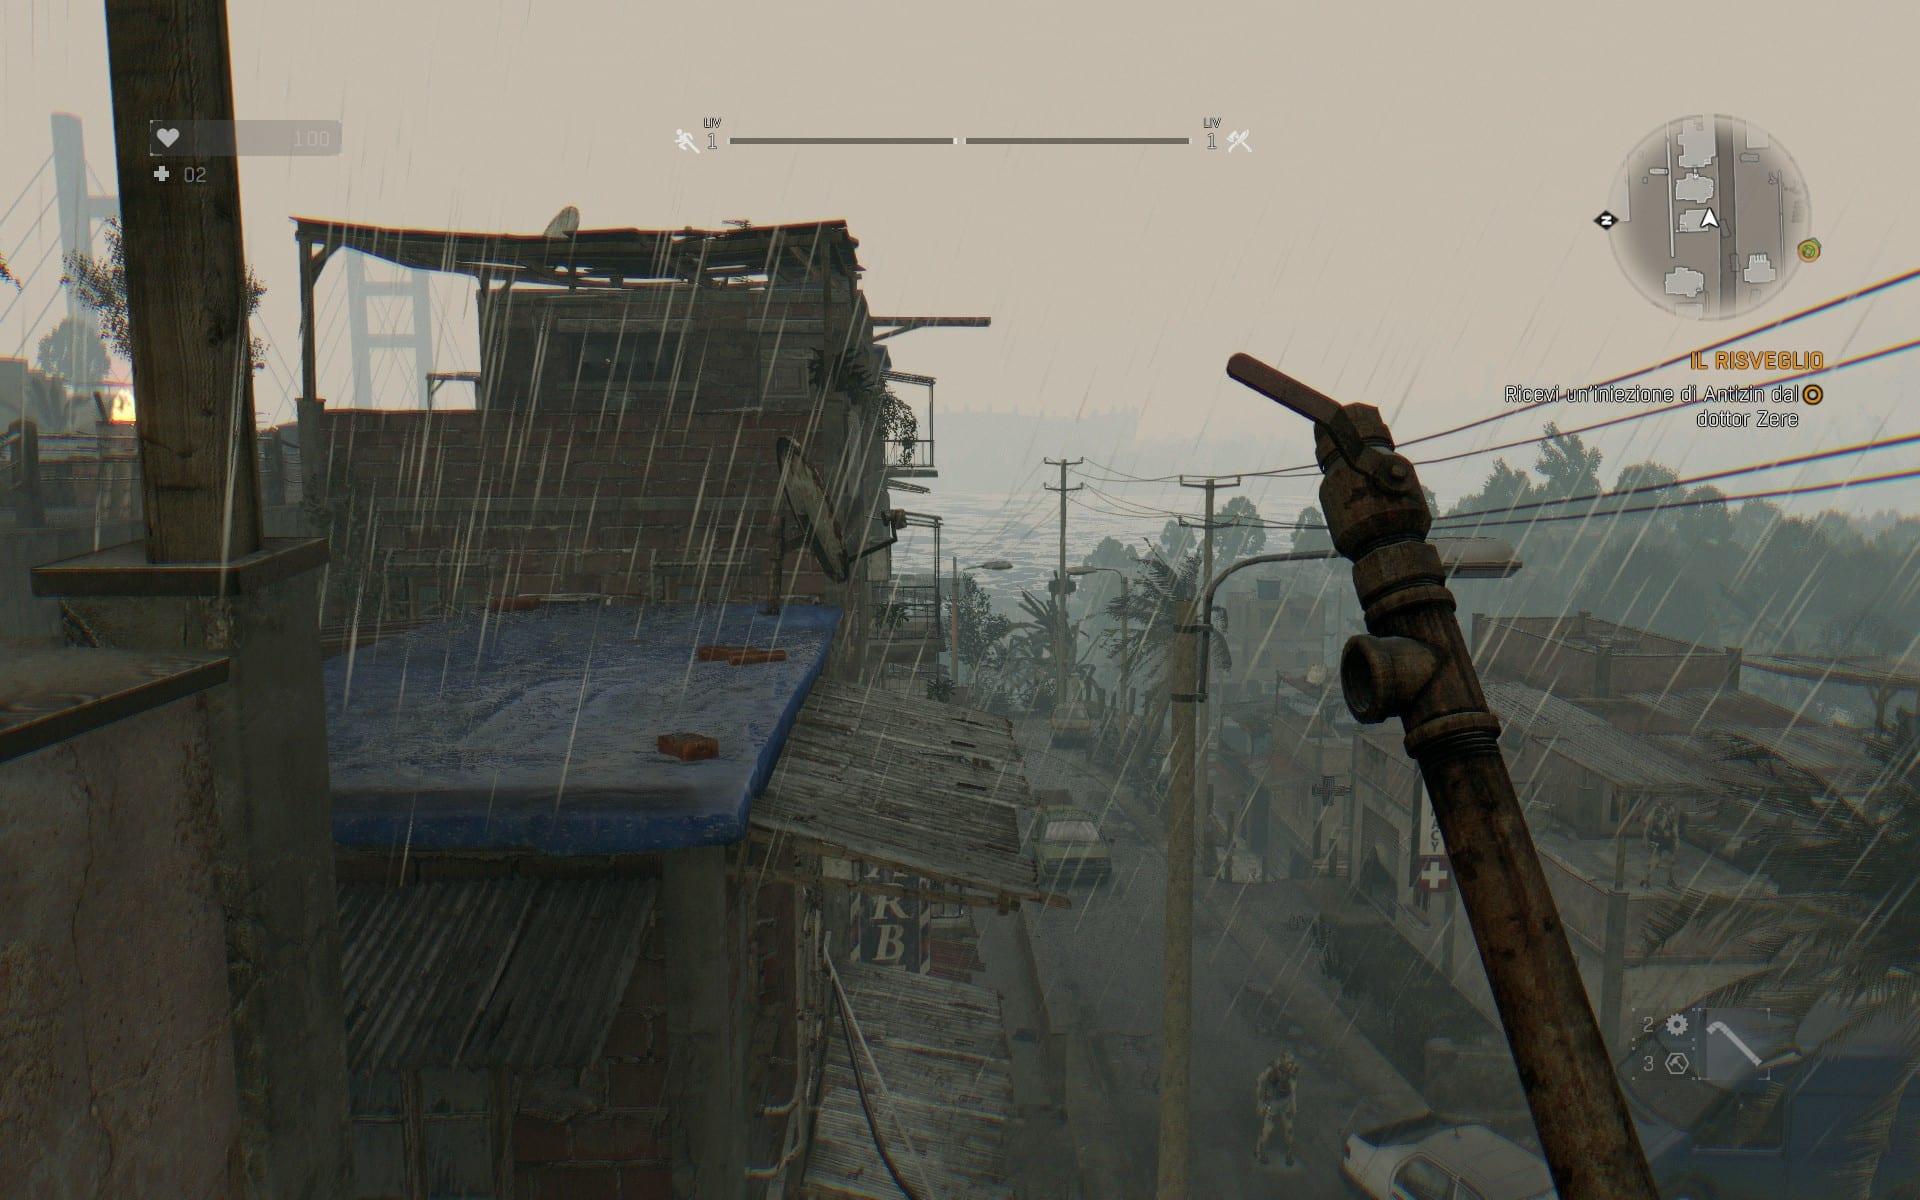 La pioggia è ben realizzata, peccato che abbia solamente un impatto estetico